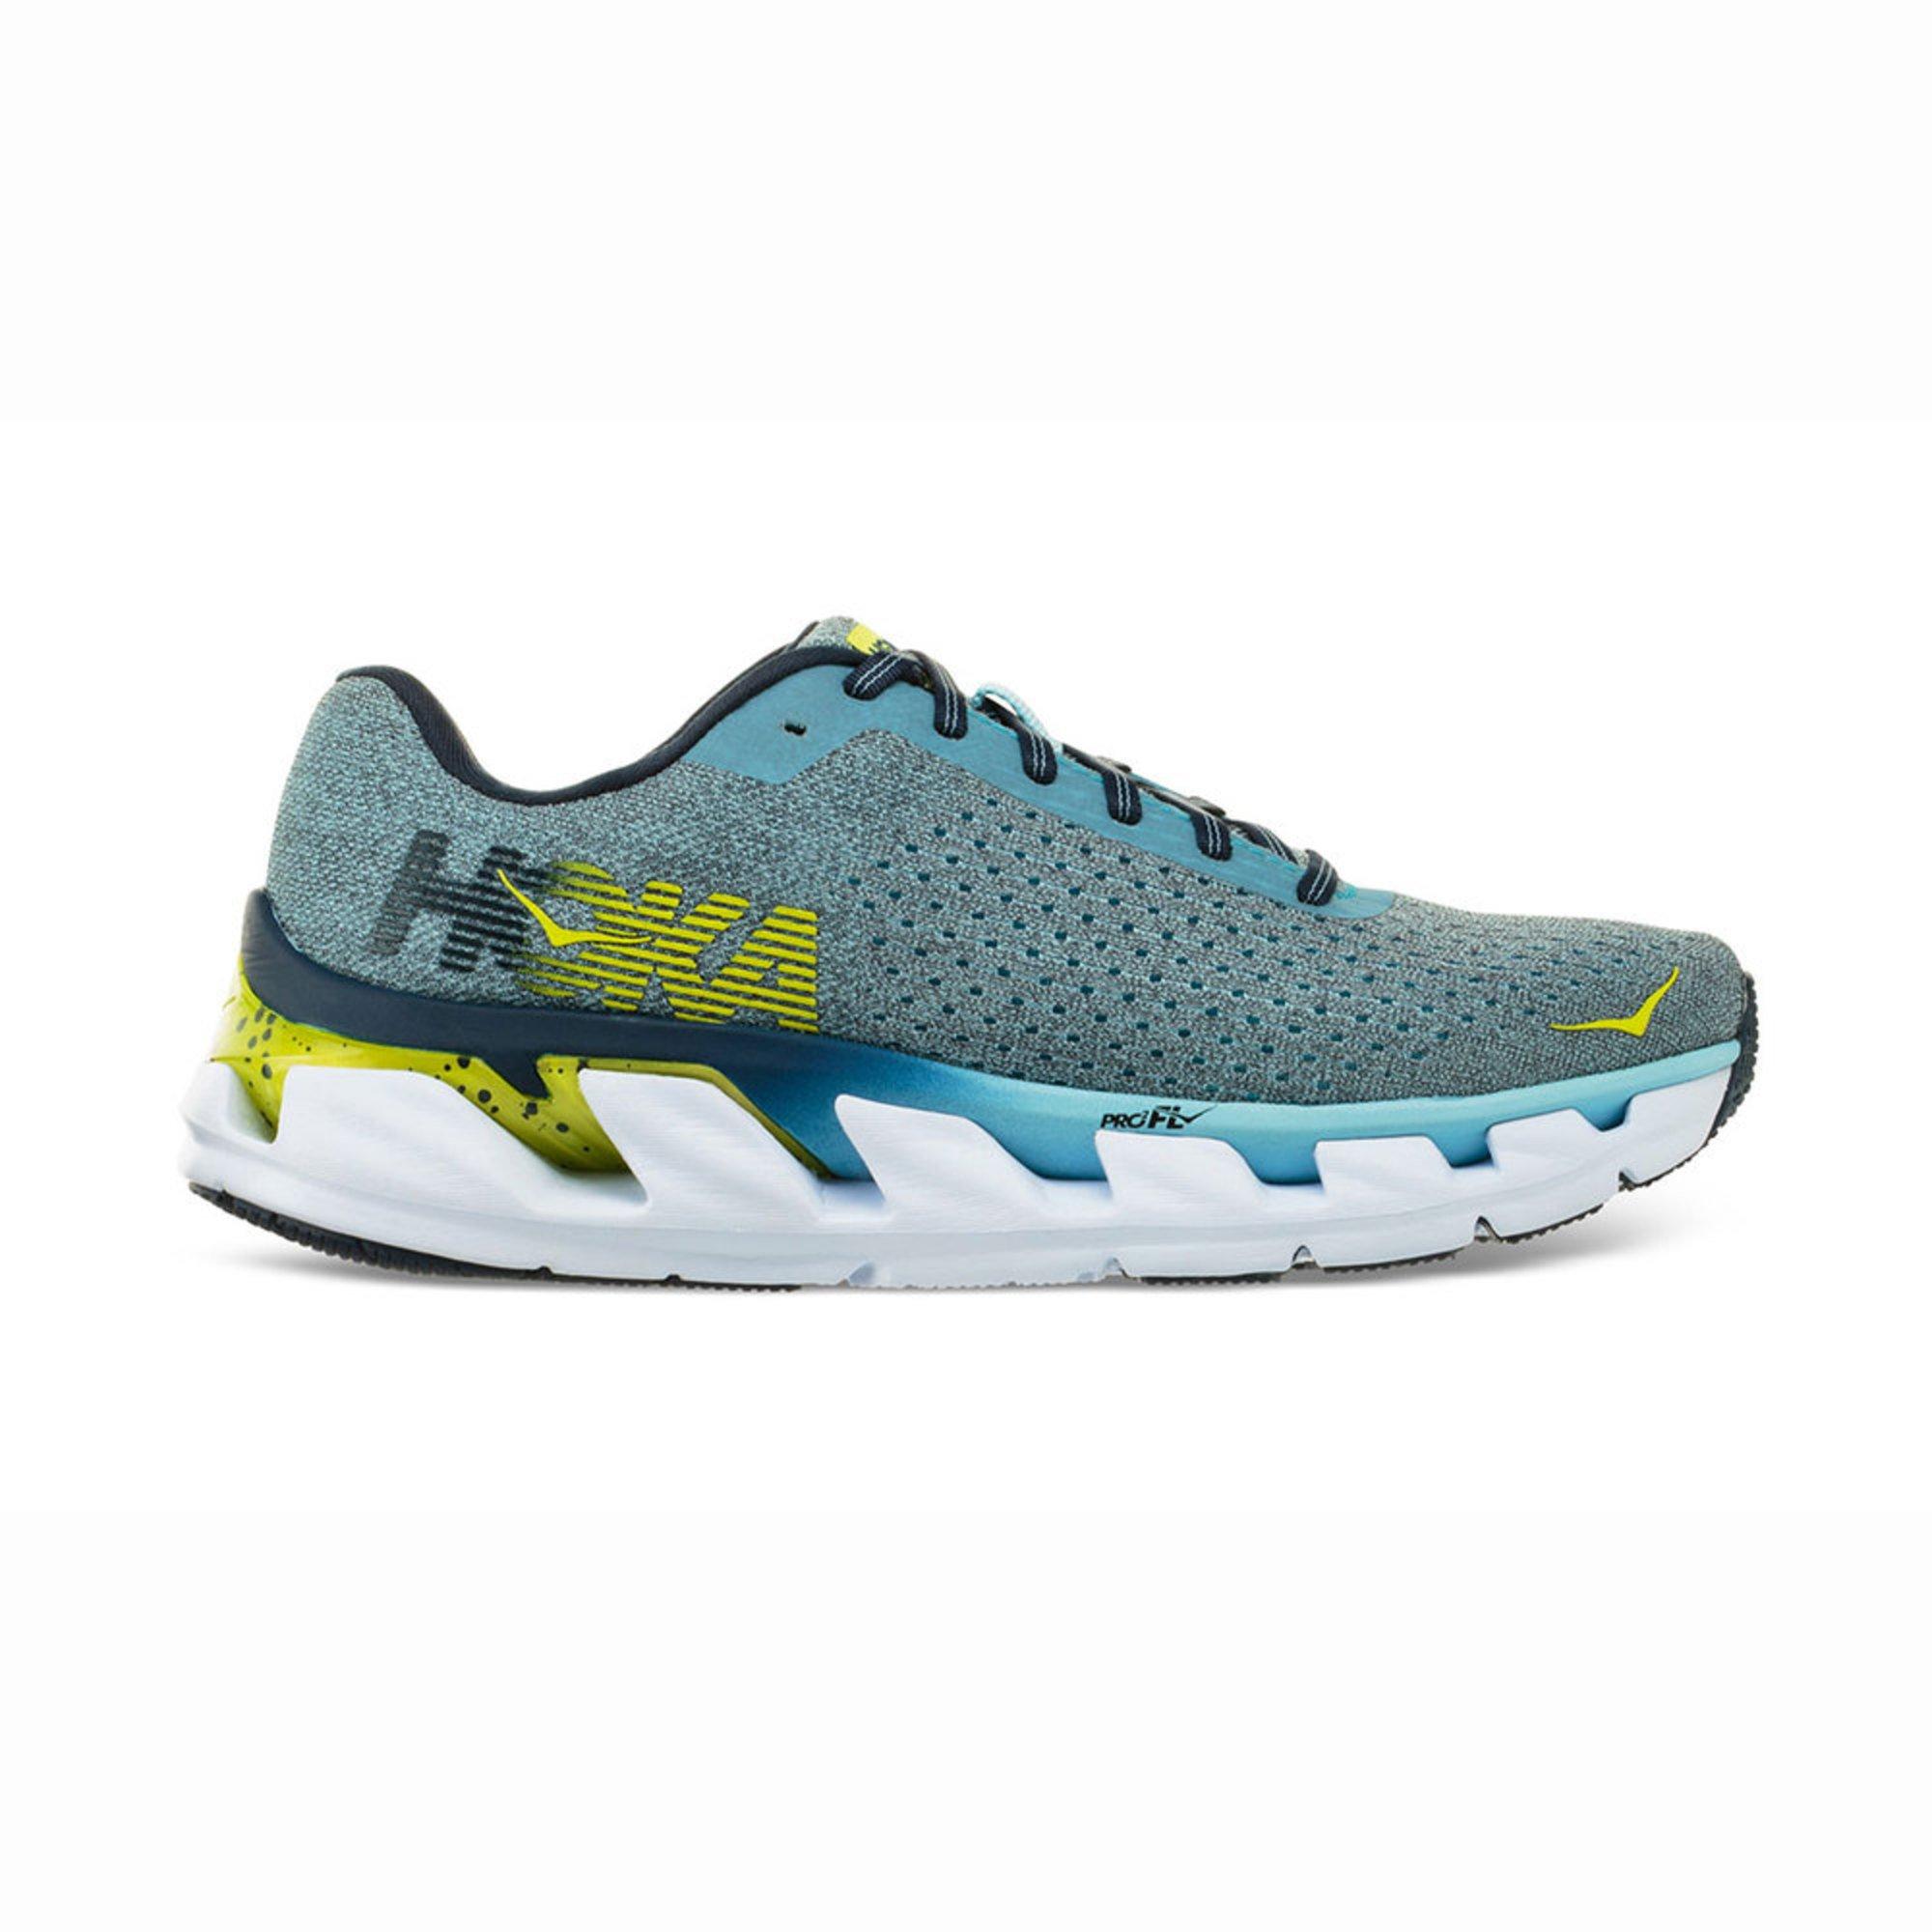 Hoka One One Women s Elevon Running Shoe  1cb3ce89b